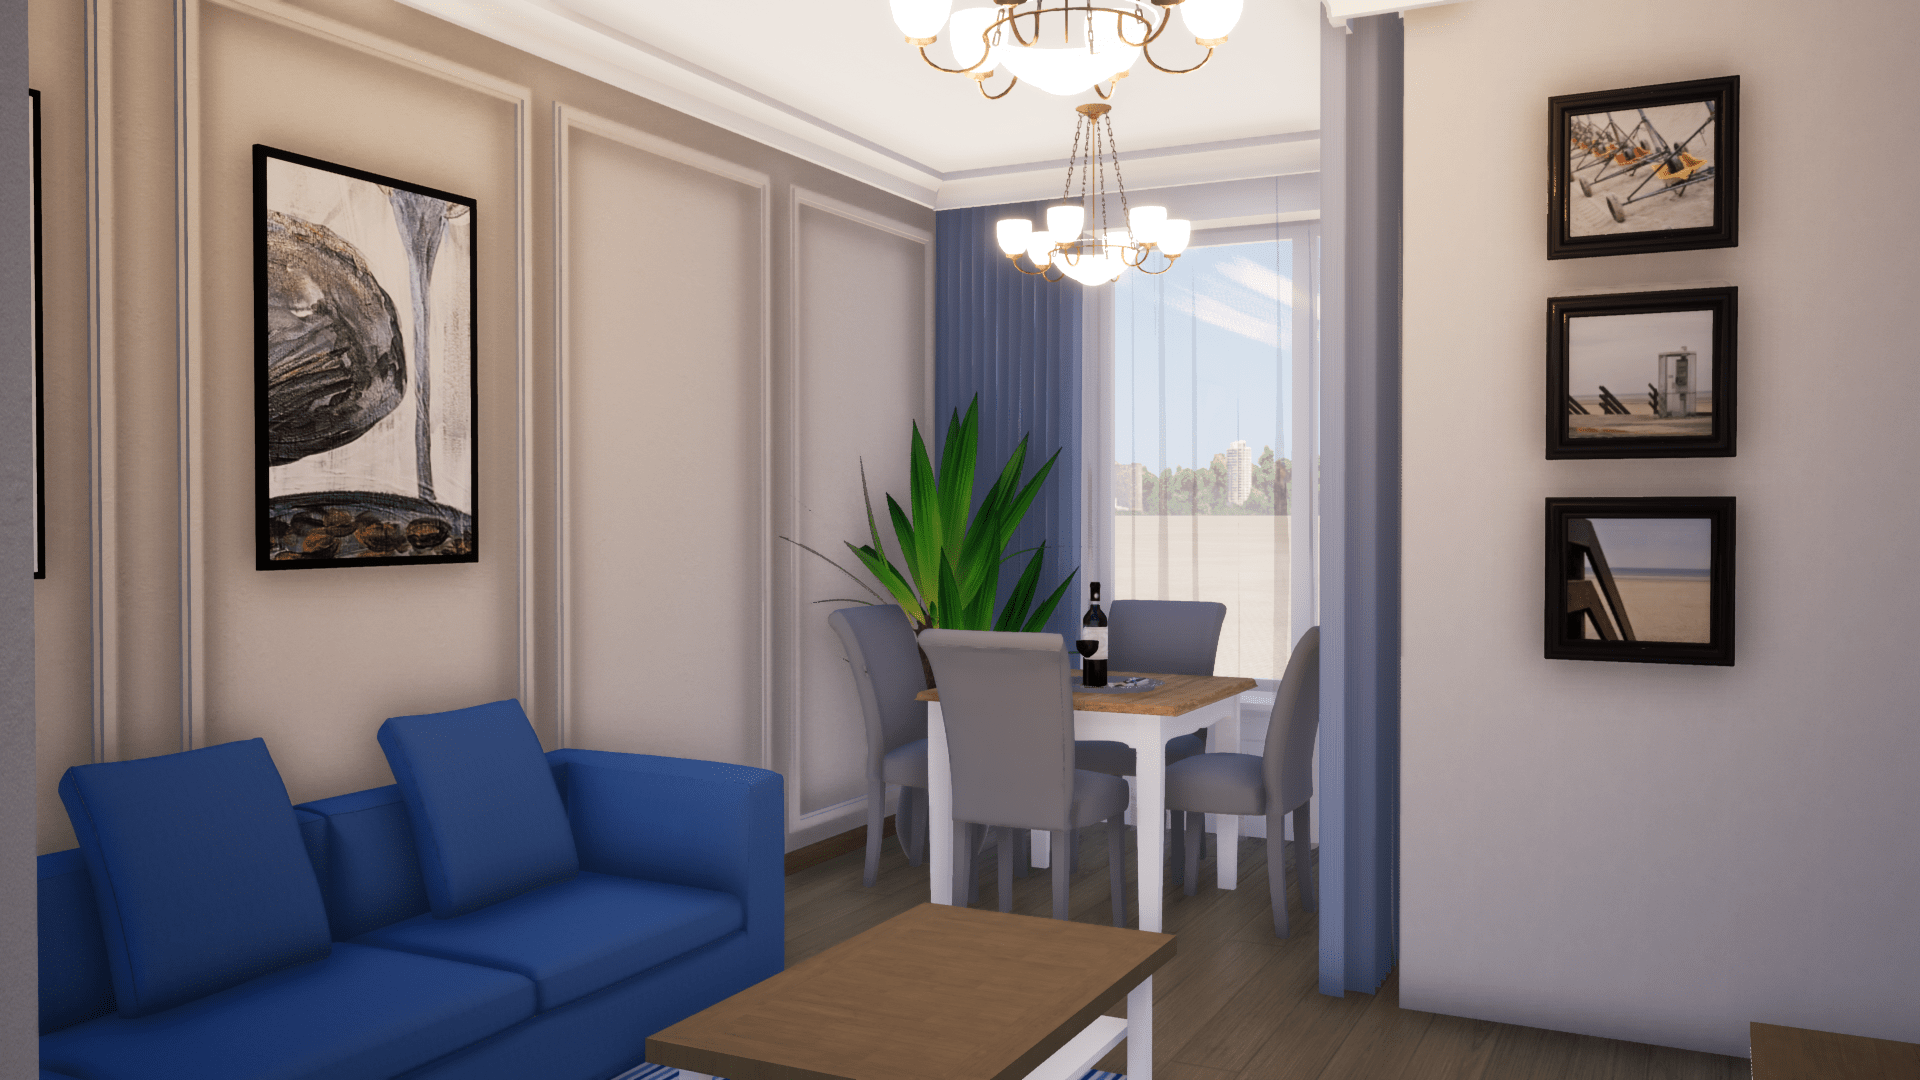 revel-realizacje-mieszkanie-w-granacie-foto-3